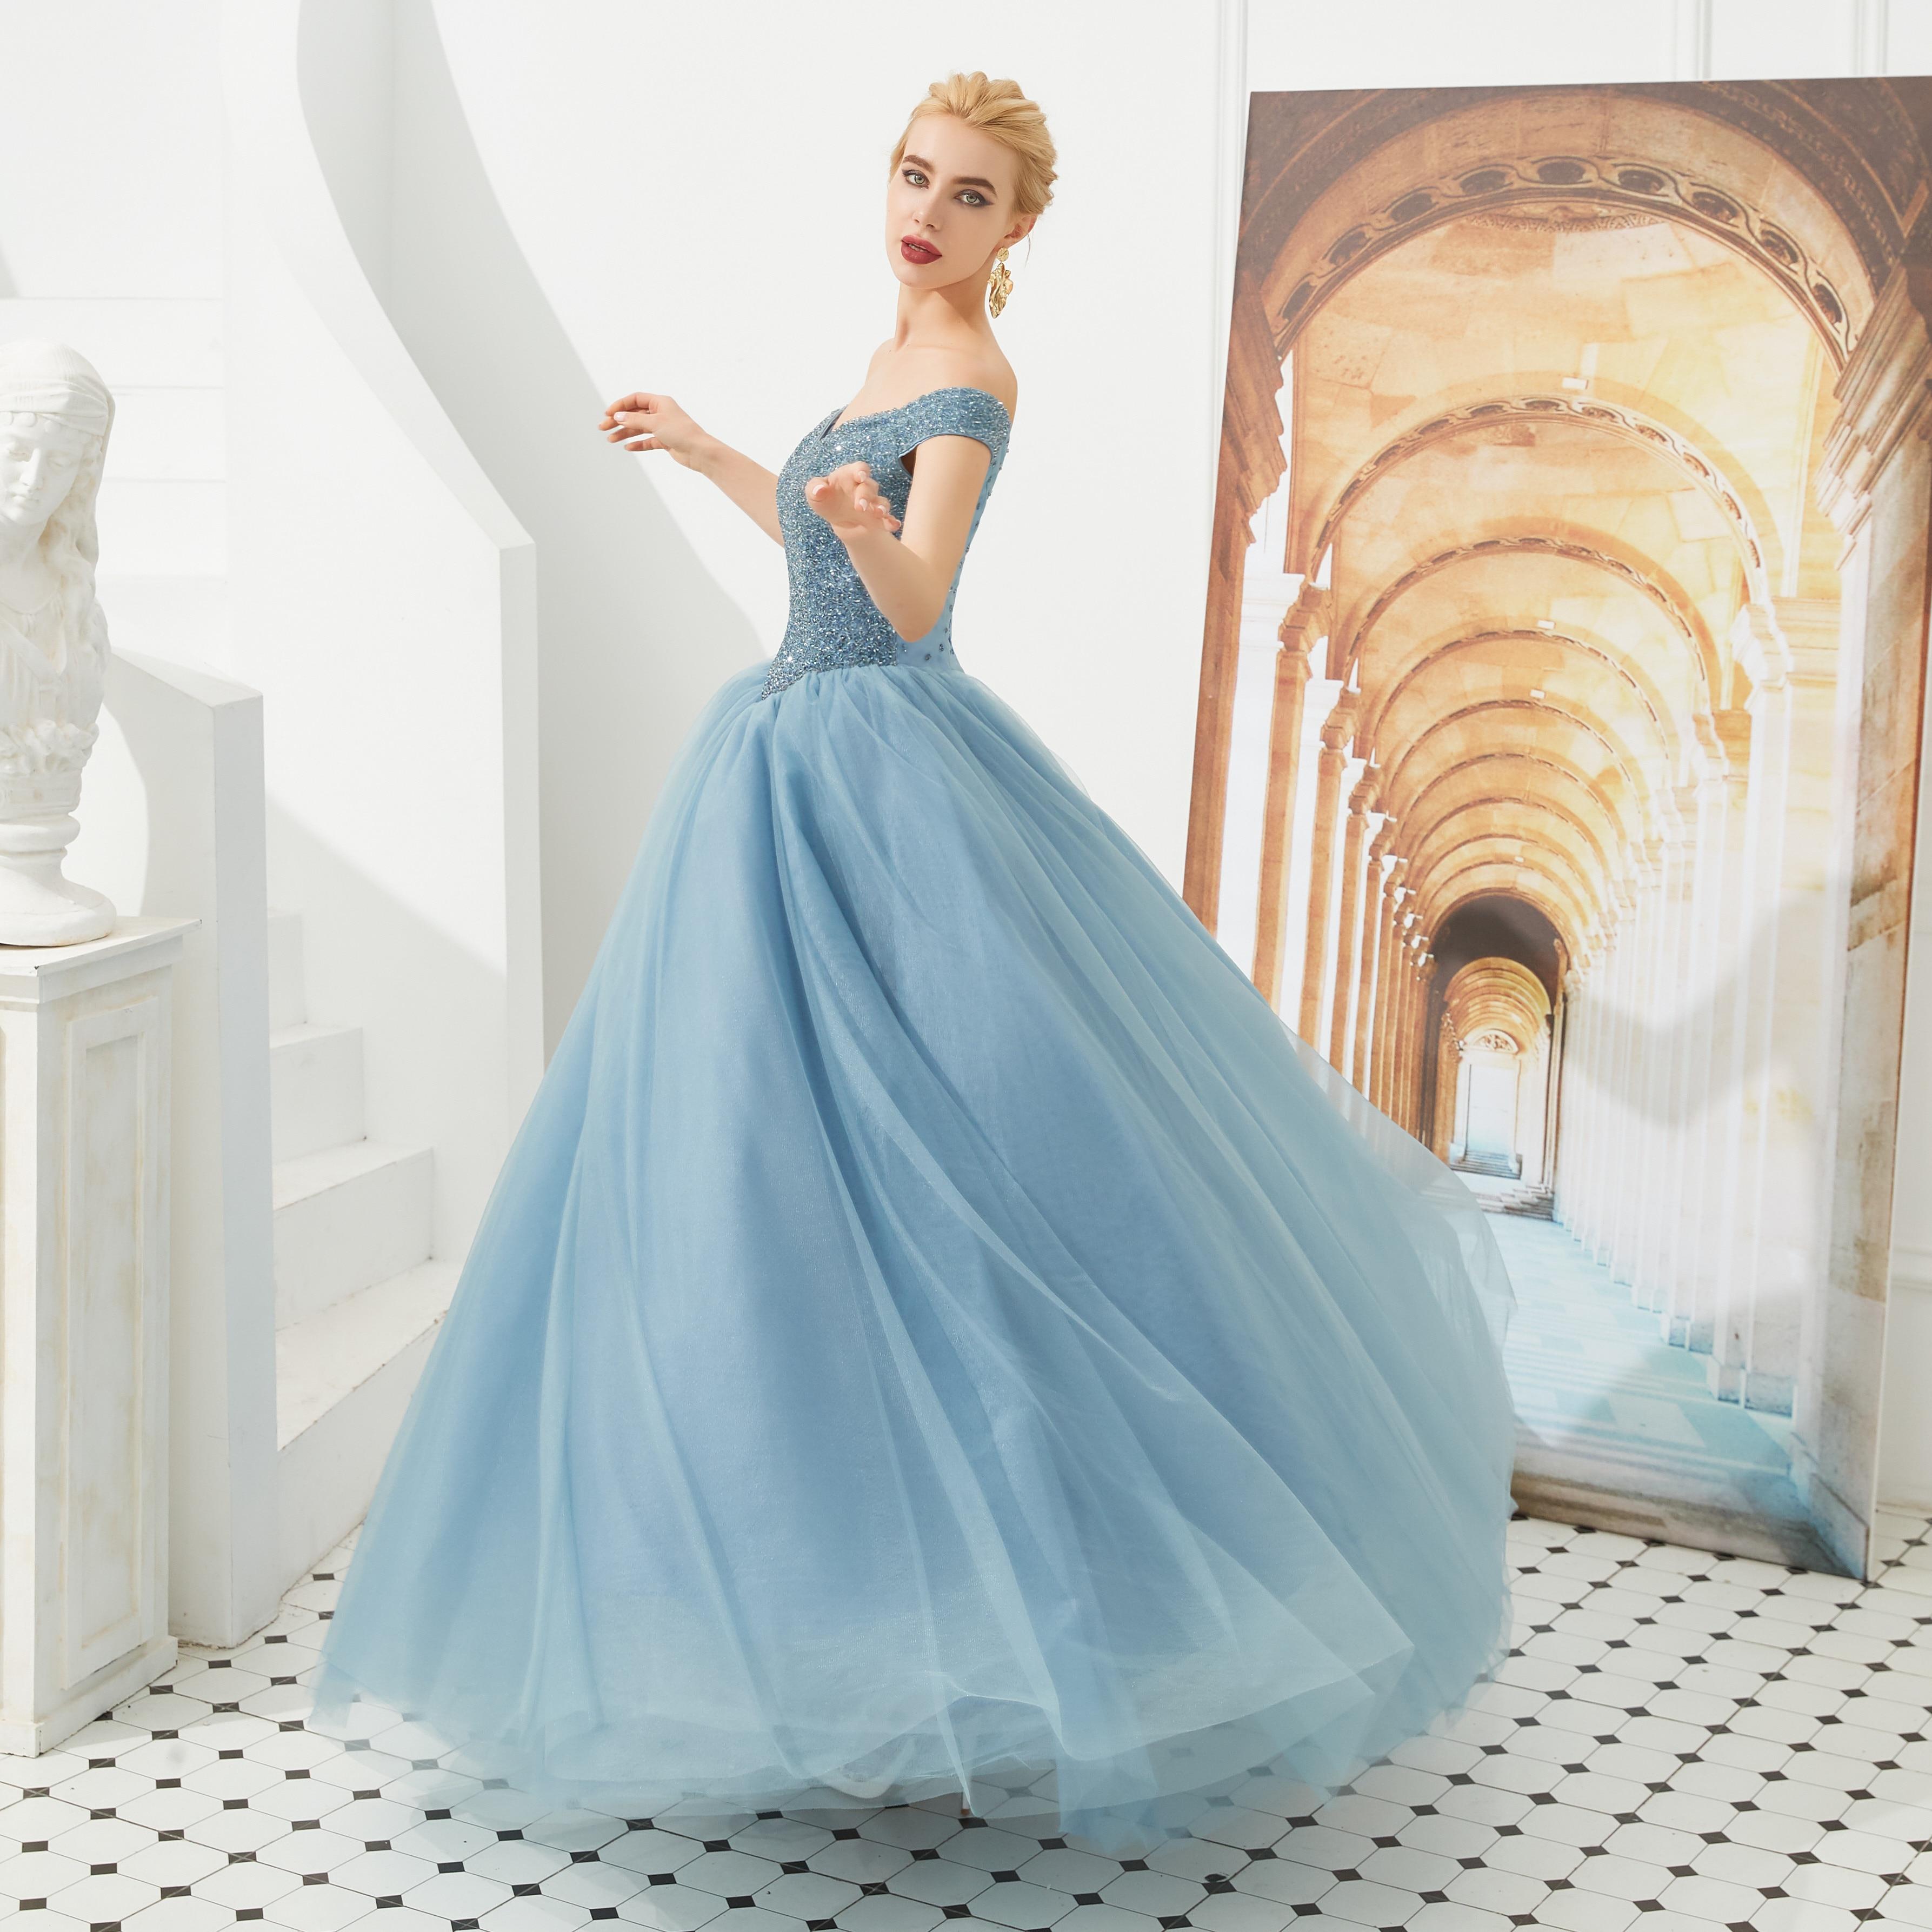 Robe de bal princesse à épaules dénudées robe de bal douce 15 ans robes de bal en cristal